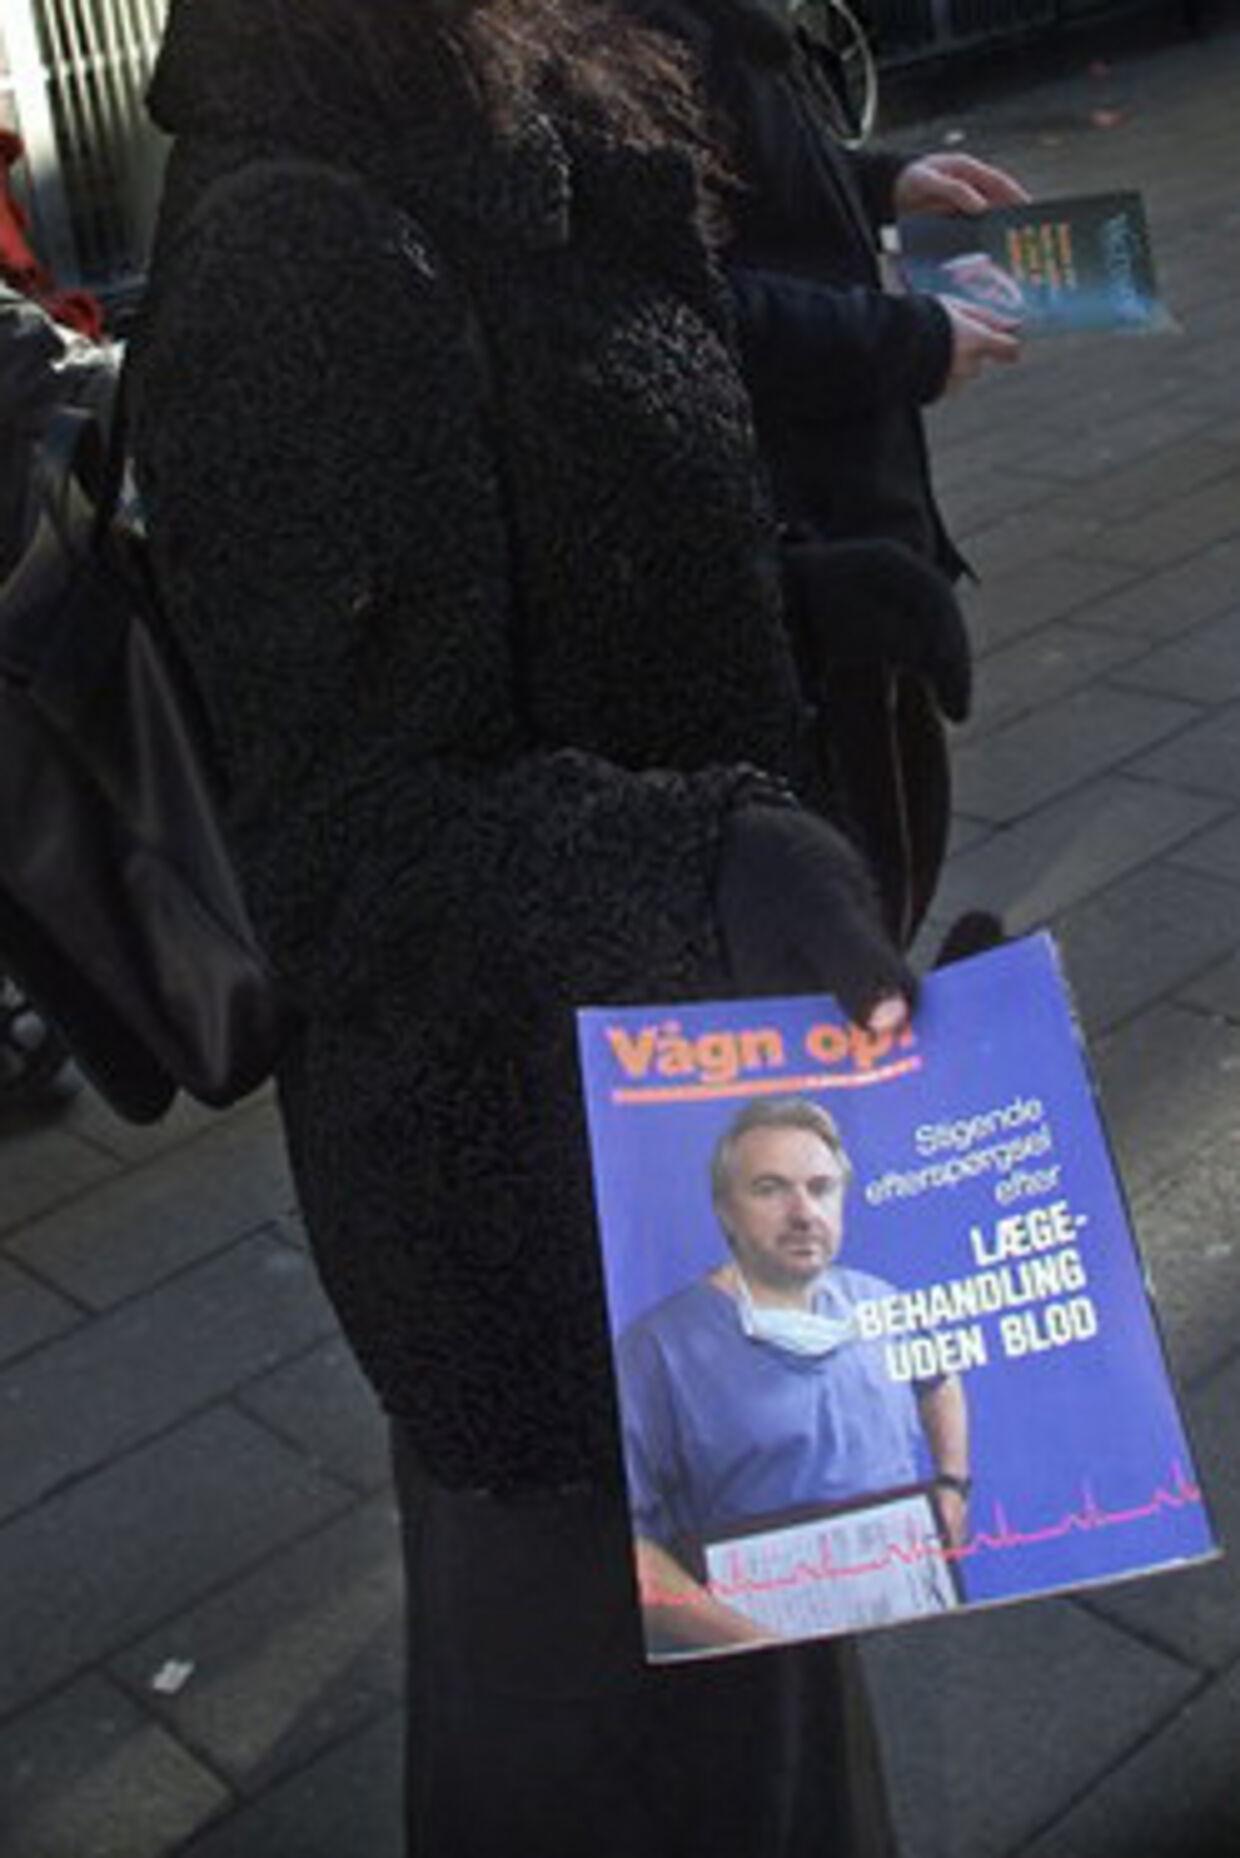 Vidner i Danmark har problemer med pædofile. Arkivfoto: Keld Navntoft